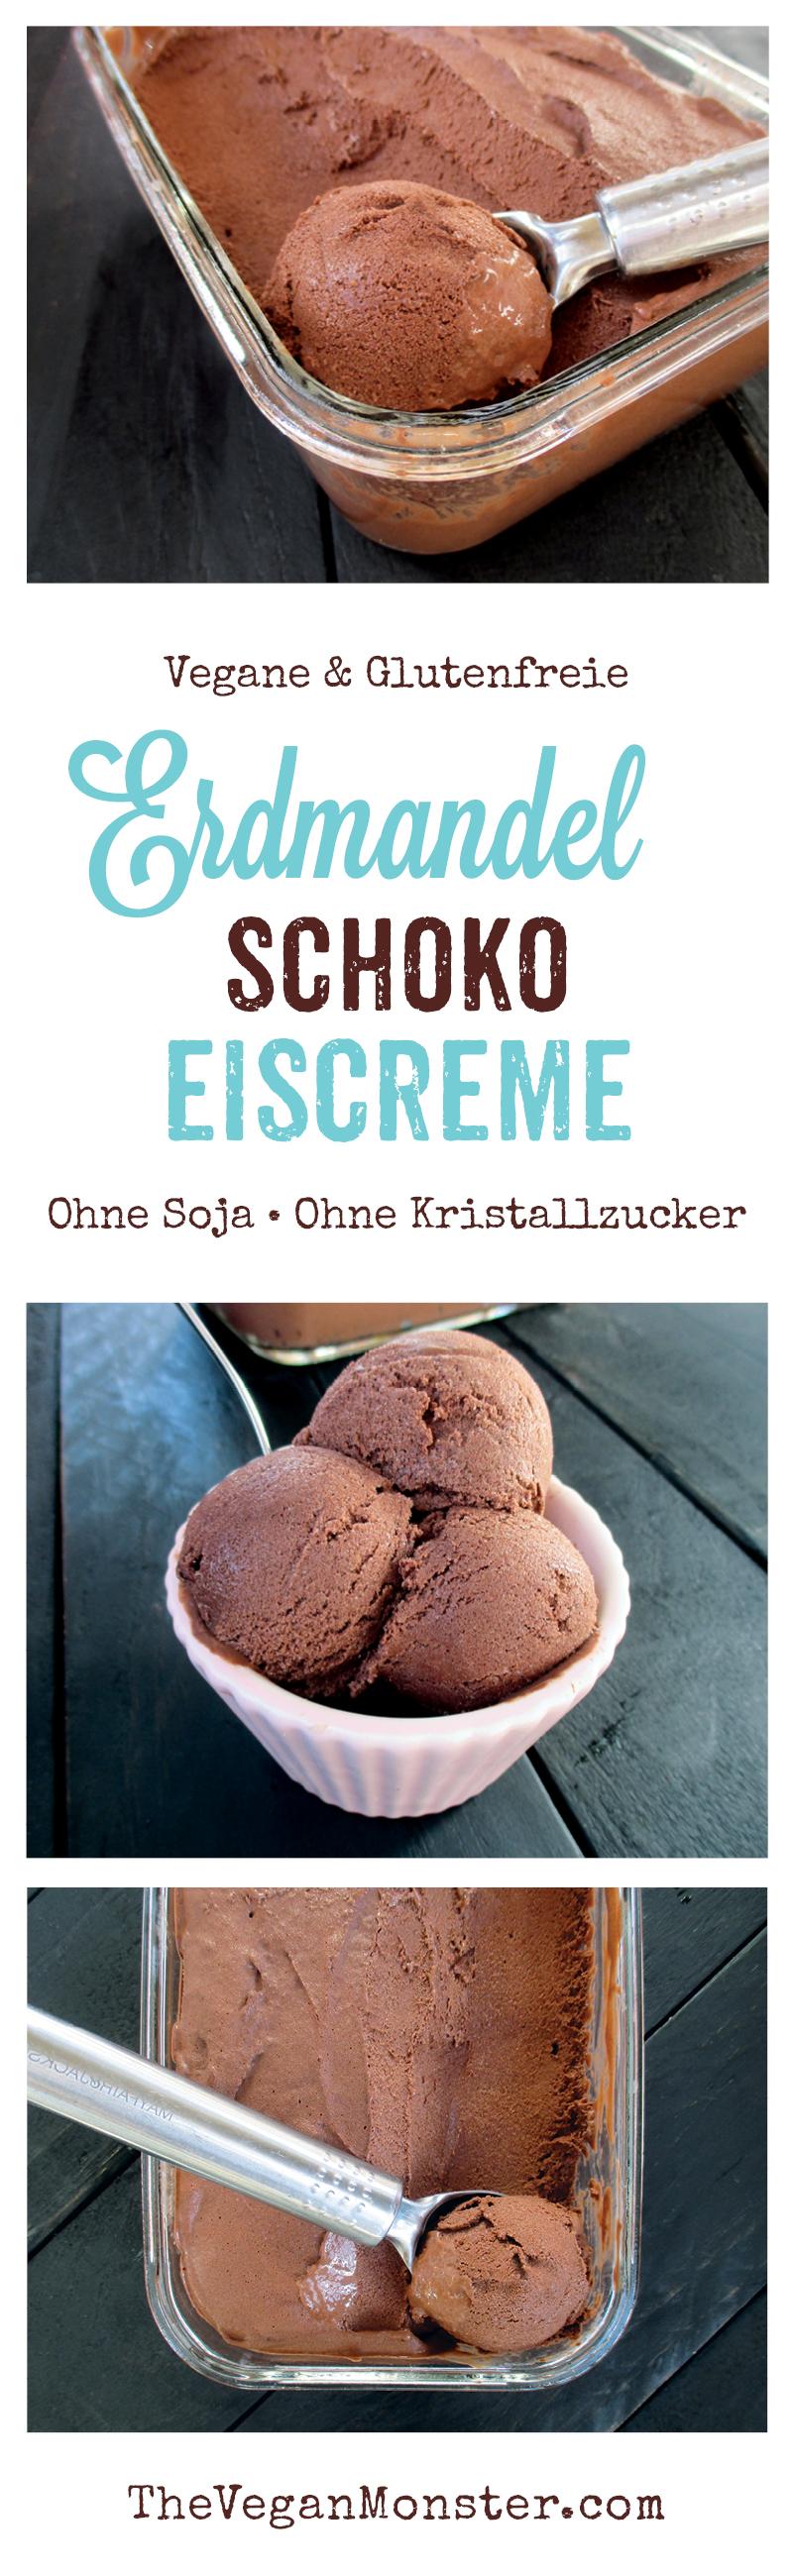 Vegane Glutenfreie Erdmandel Schokoladen Eiscreme Ohne Kristallzucker Ohne Soja Rezept